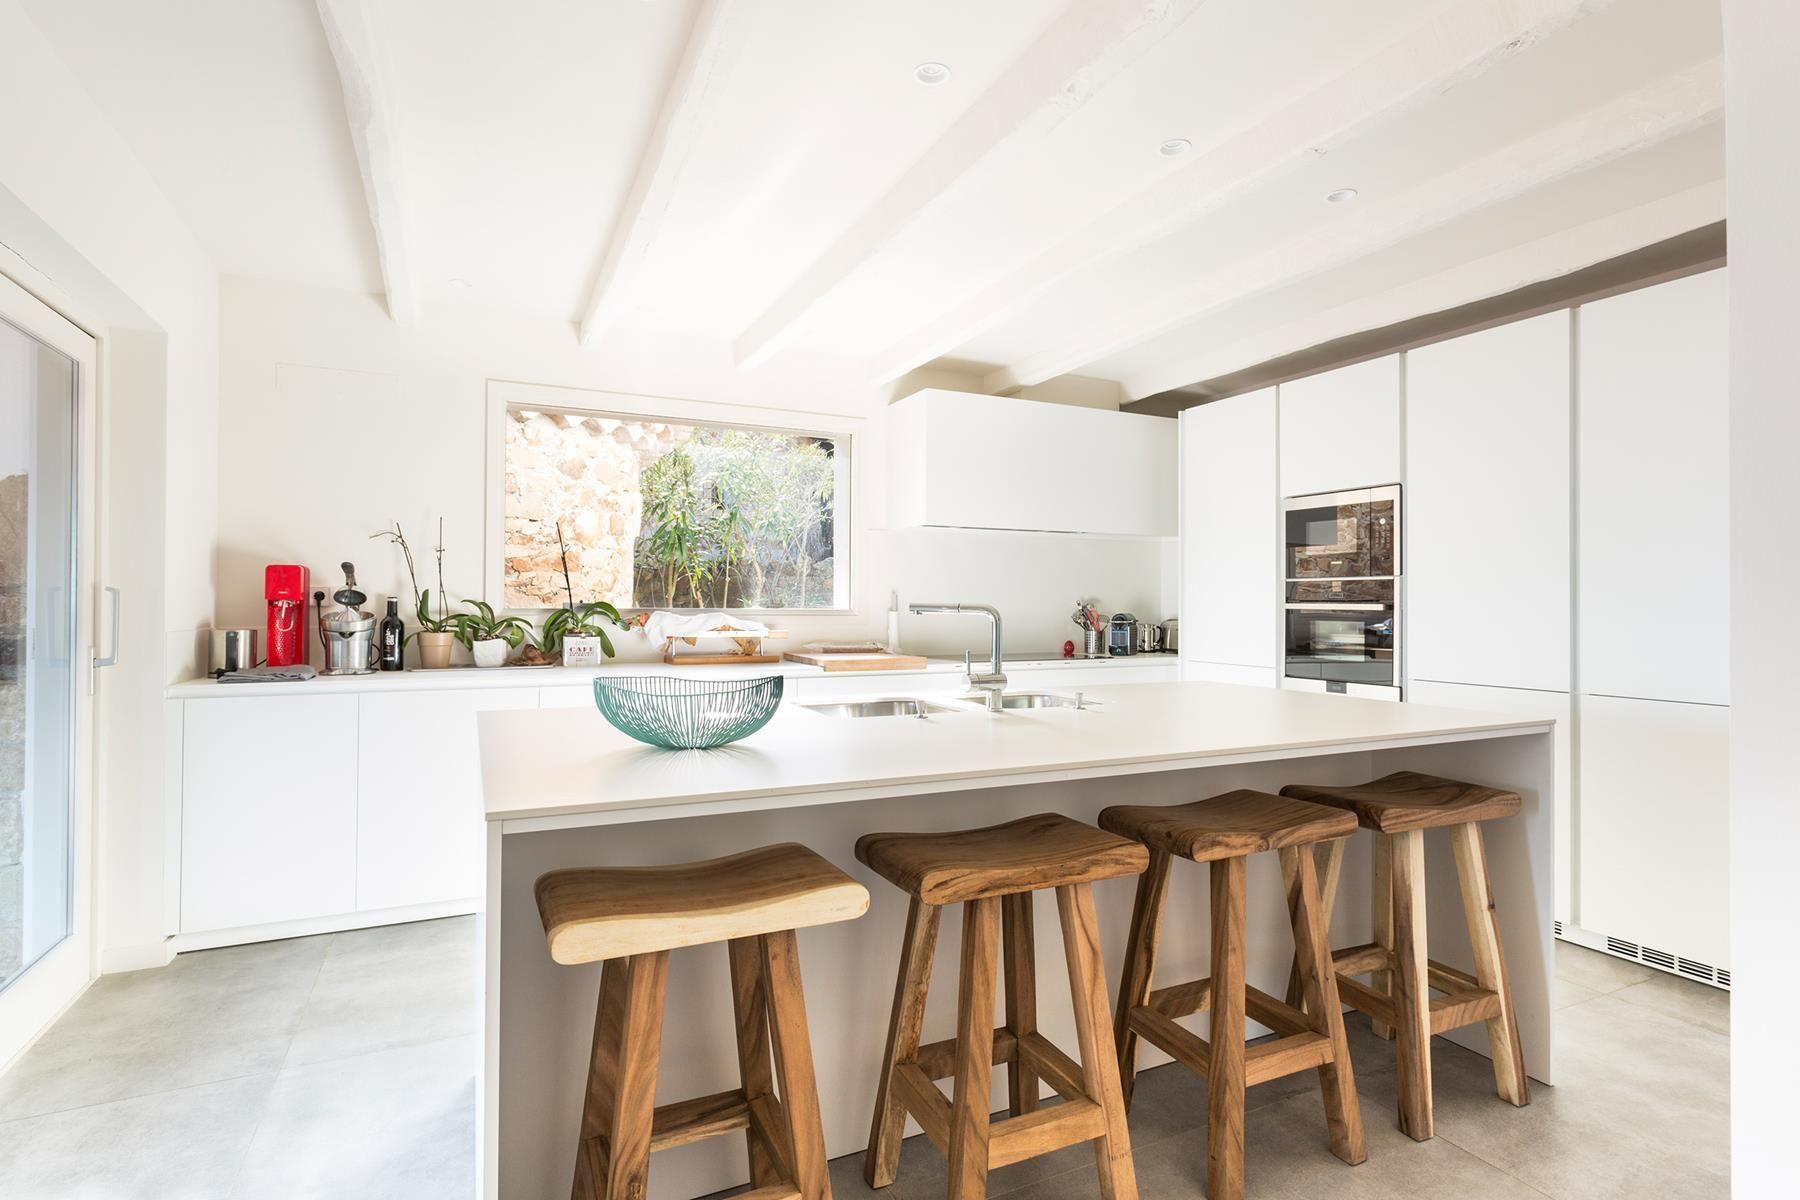 Küchendesign grau und weiß pin von gulcin auf houseuinterior  pinterest  modernes wohnen